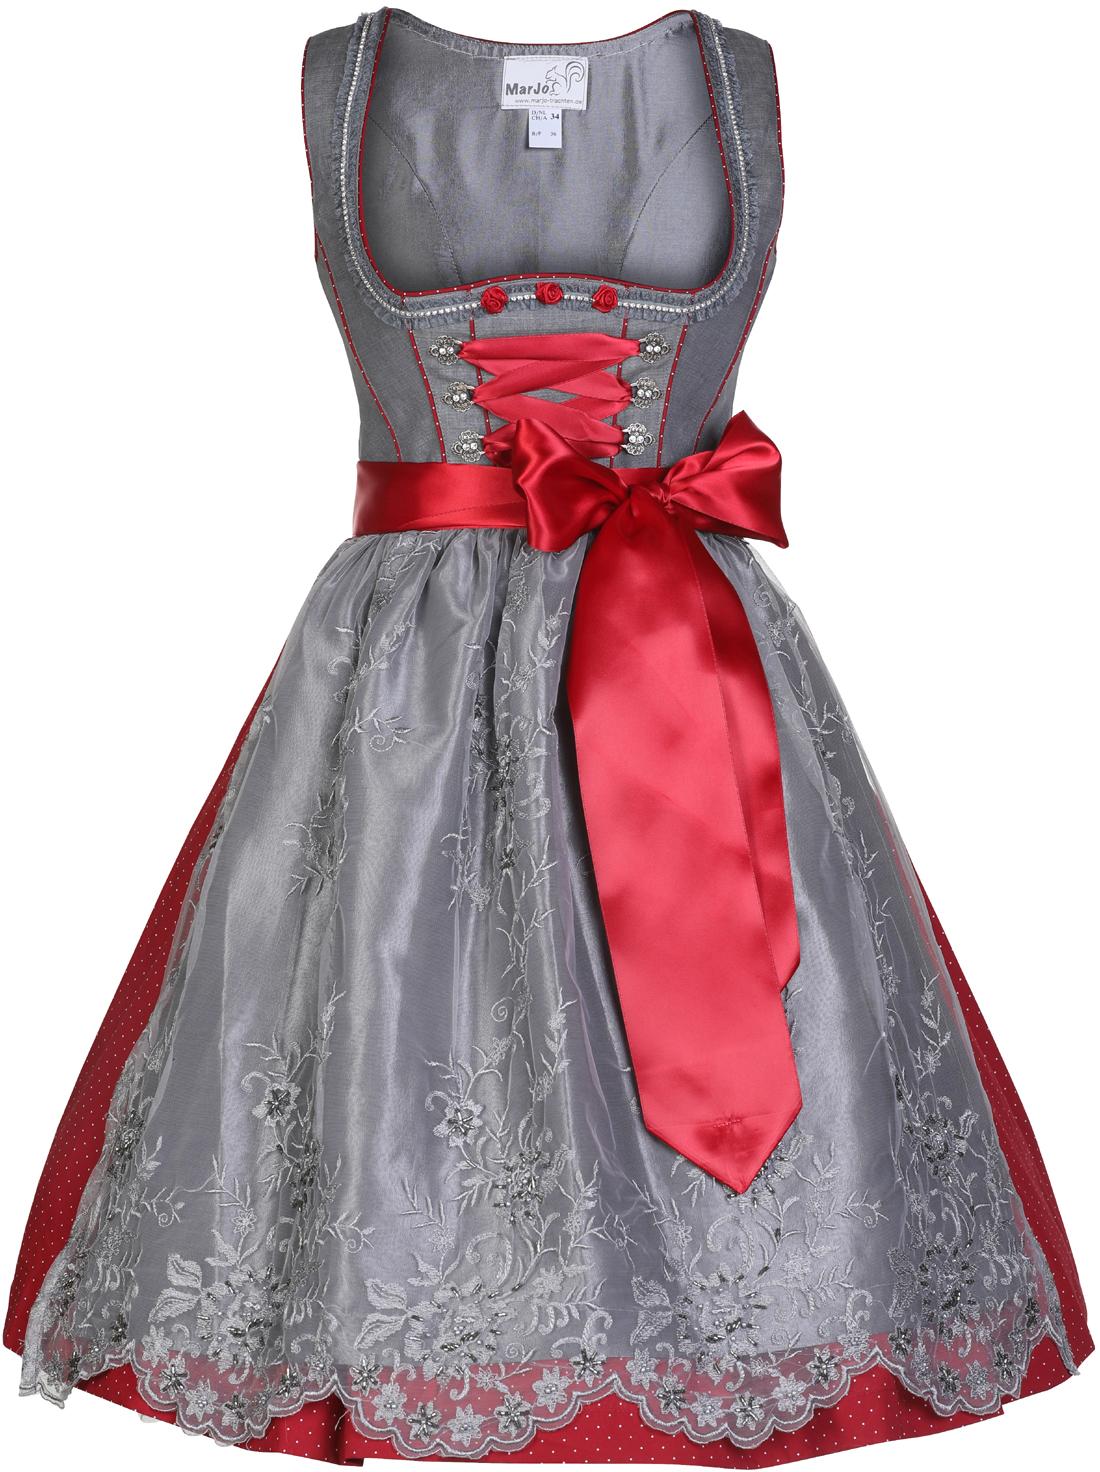 49e0d229a6d1e5 Dirndl midi 65 cm Theamarie grau/rot Marjo   Dirndl midi von 60 – 70 cm    Damen   Trachtenoutlet-xxl.de